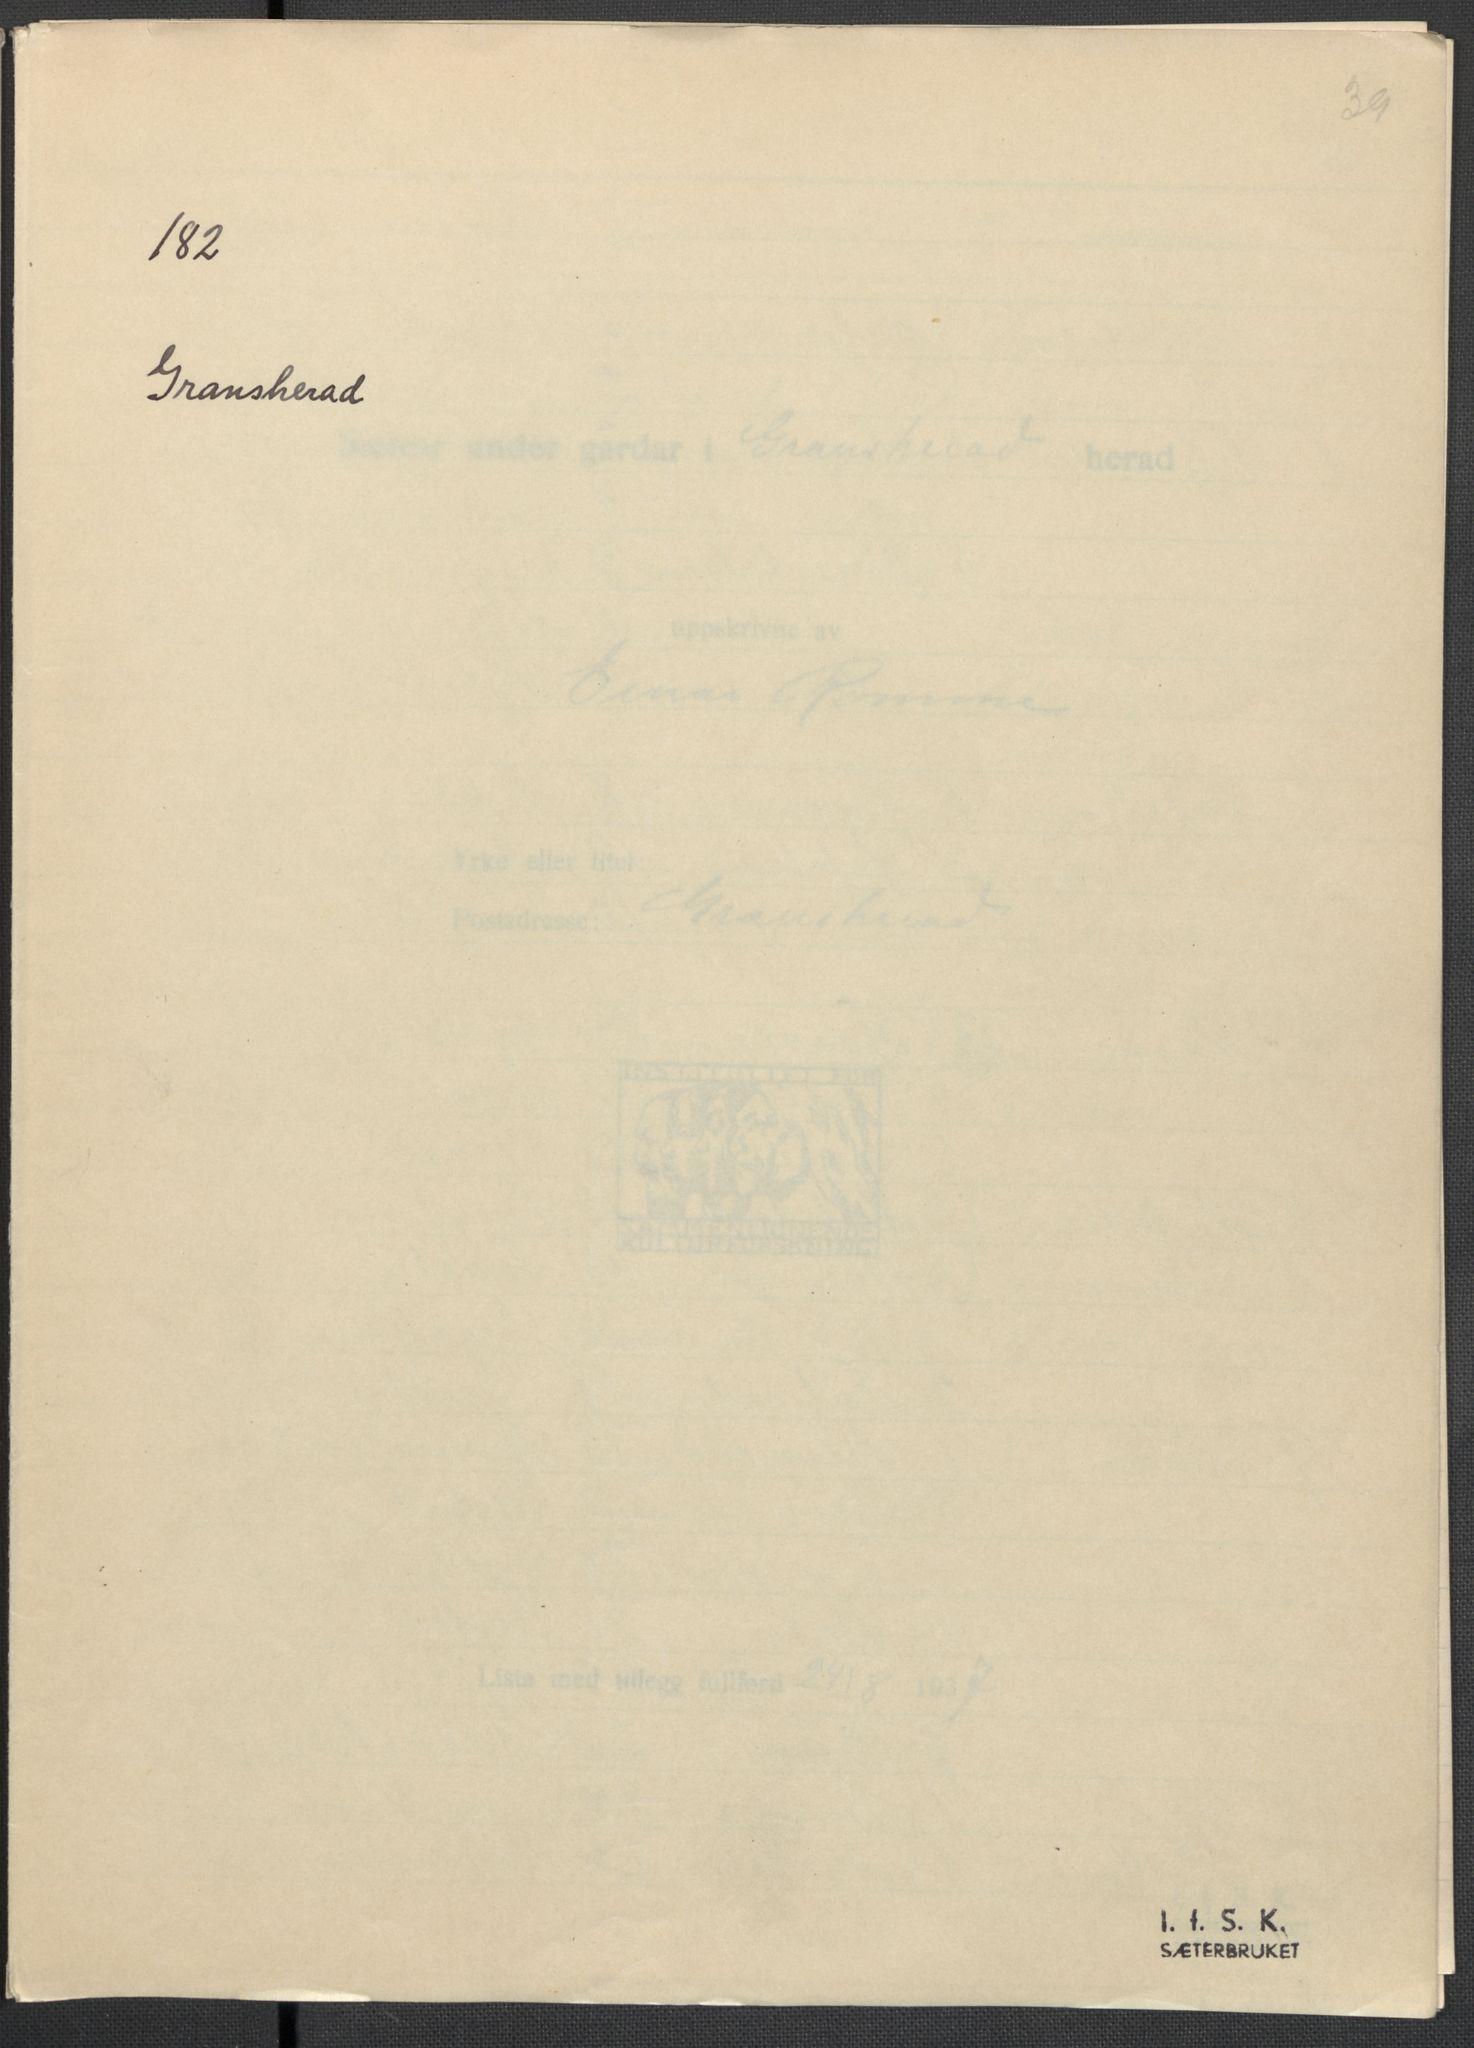 RA, Instituttet for sammenlignende kulturforskning, F/Fc/L0007: Eske B7:, 1934-1937, s. 39